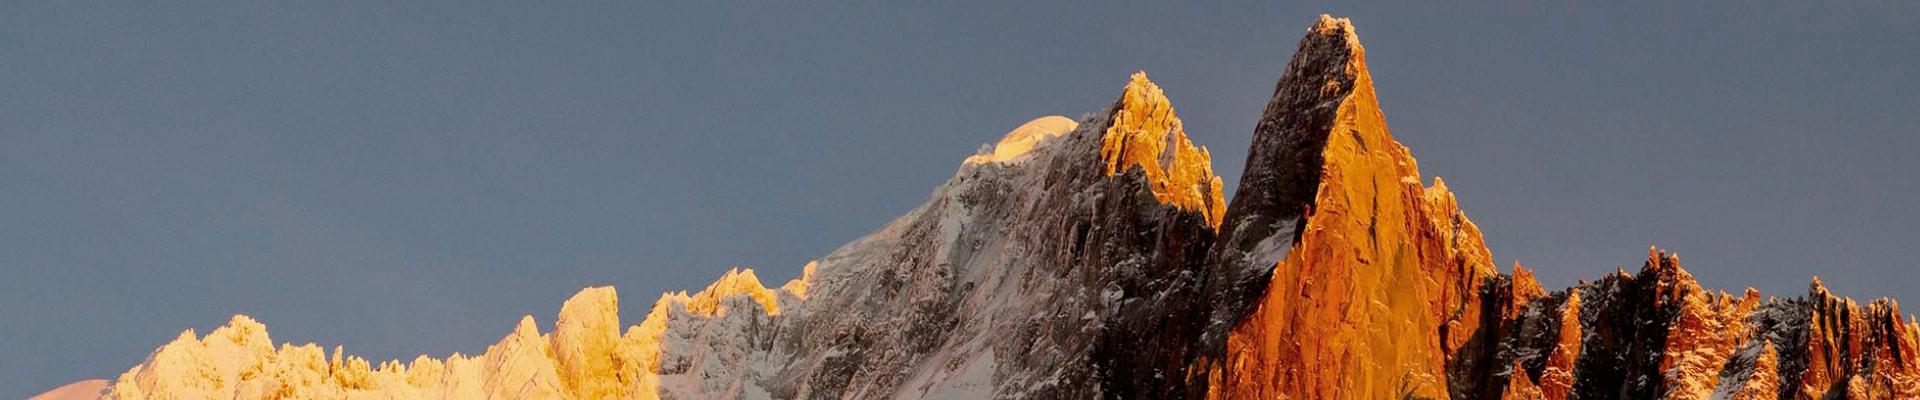 Coucher de soleil sur les Drus, dans le massif du Mont-Blanc,  à Chamonix